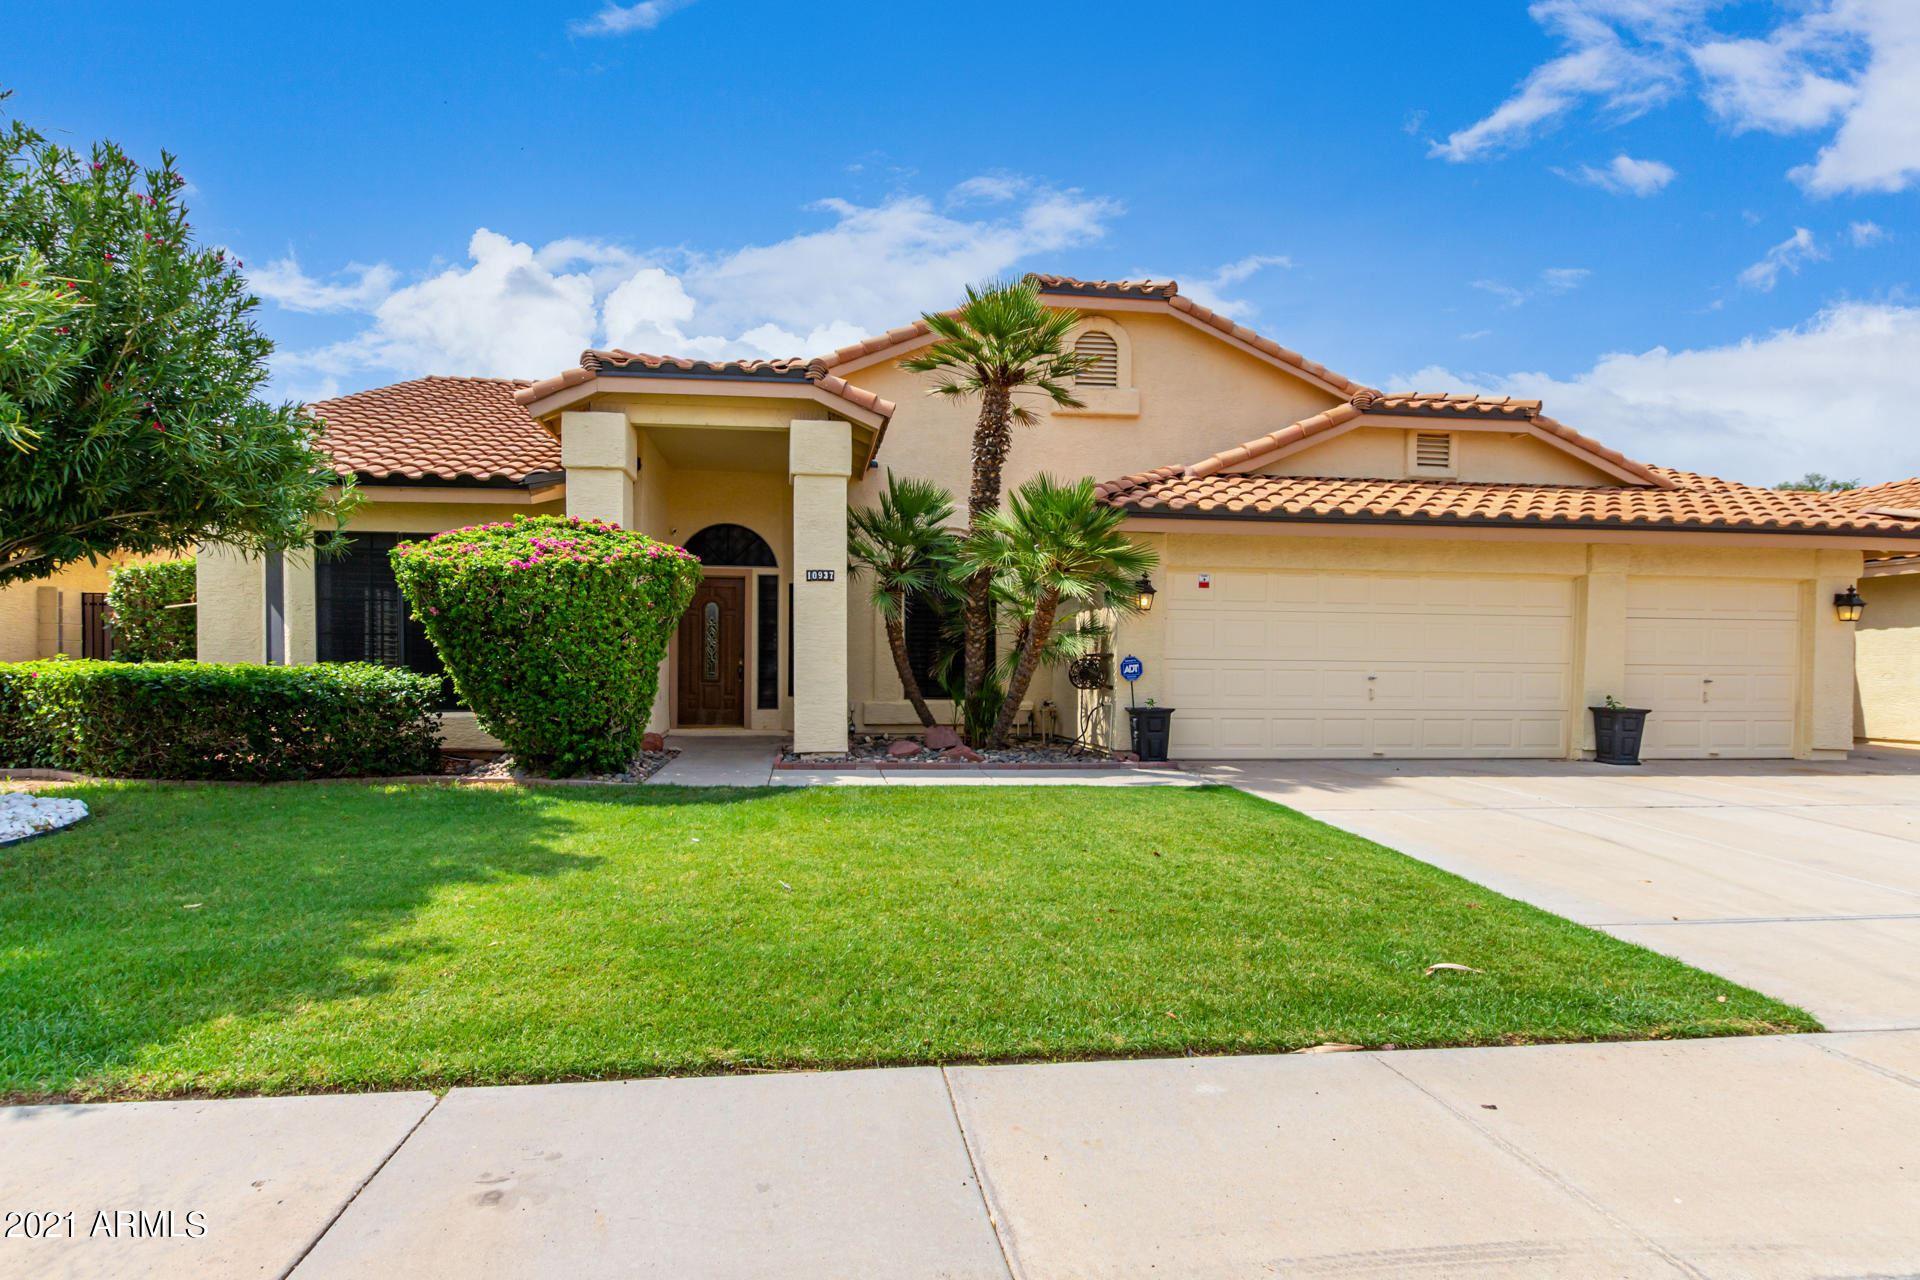 Photo of 10937 W SIENO Place, Avondale, AZ 85392 (MLS # 6268890)